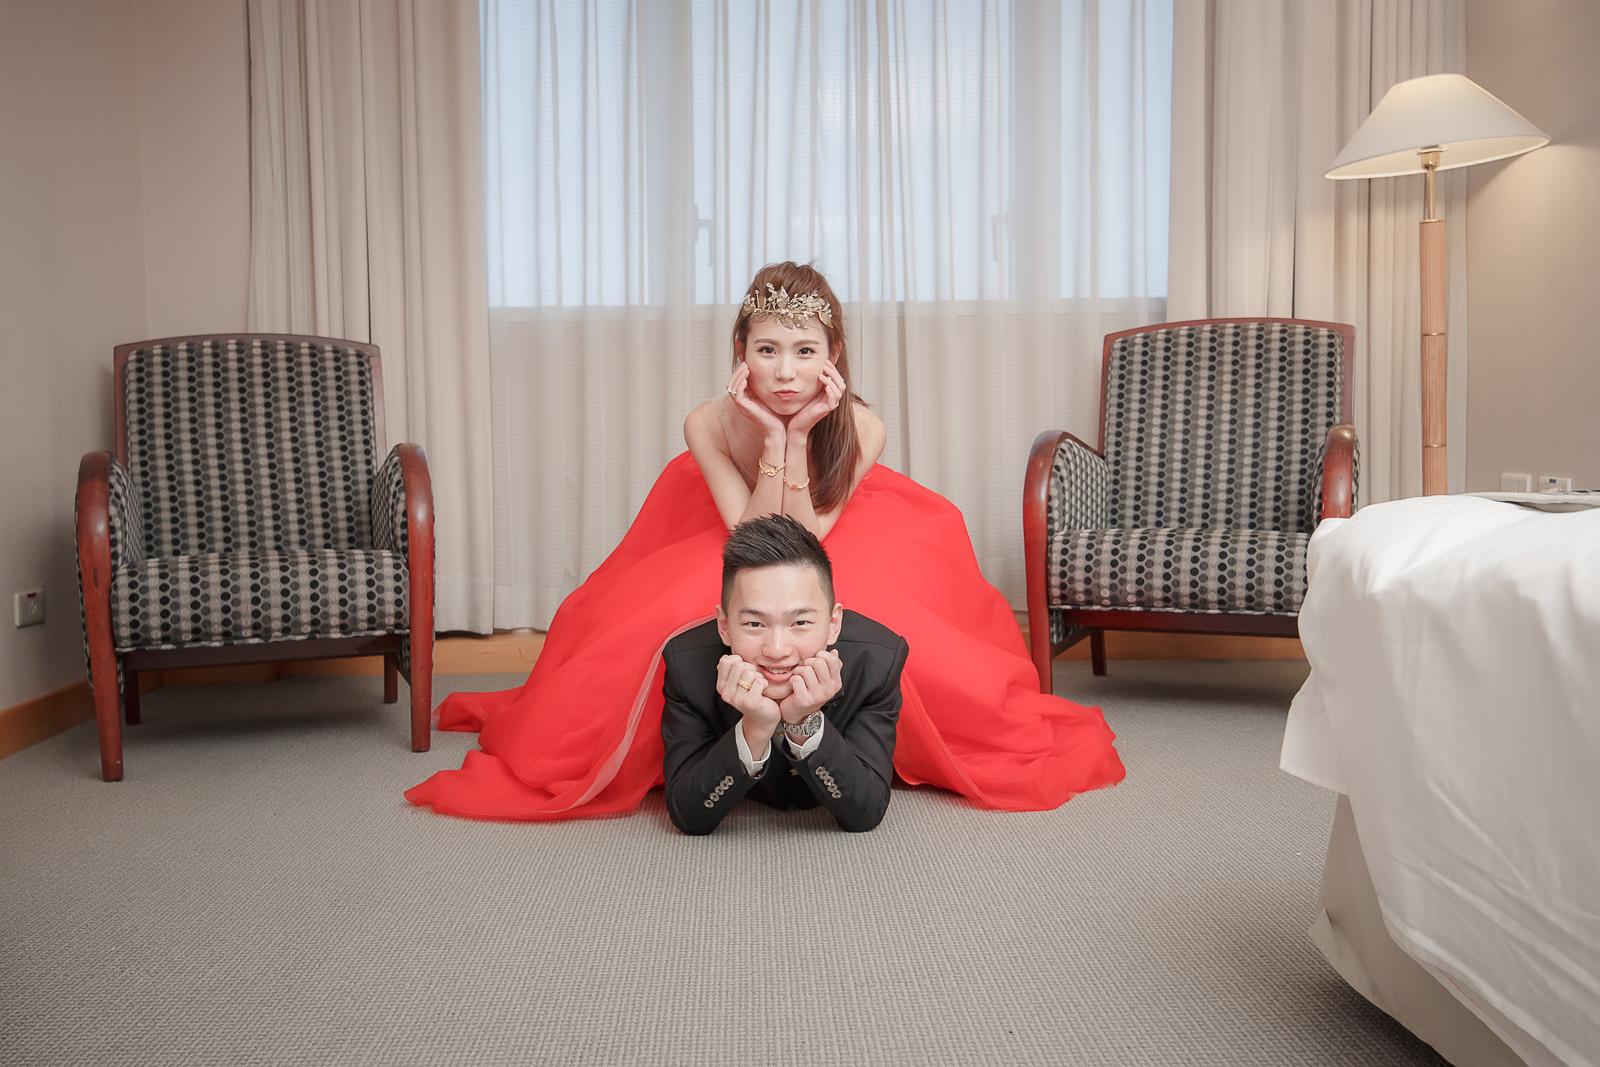 高雄圓山飯店,婚禮攝影,婚攝,高雄婚攝,優質婚攝推薦,Jen&Ethan-063